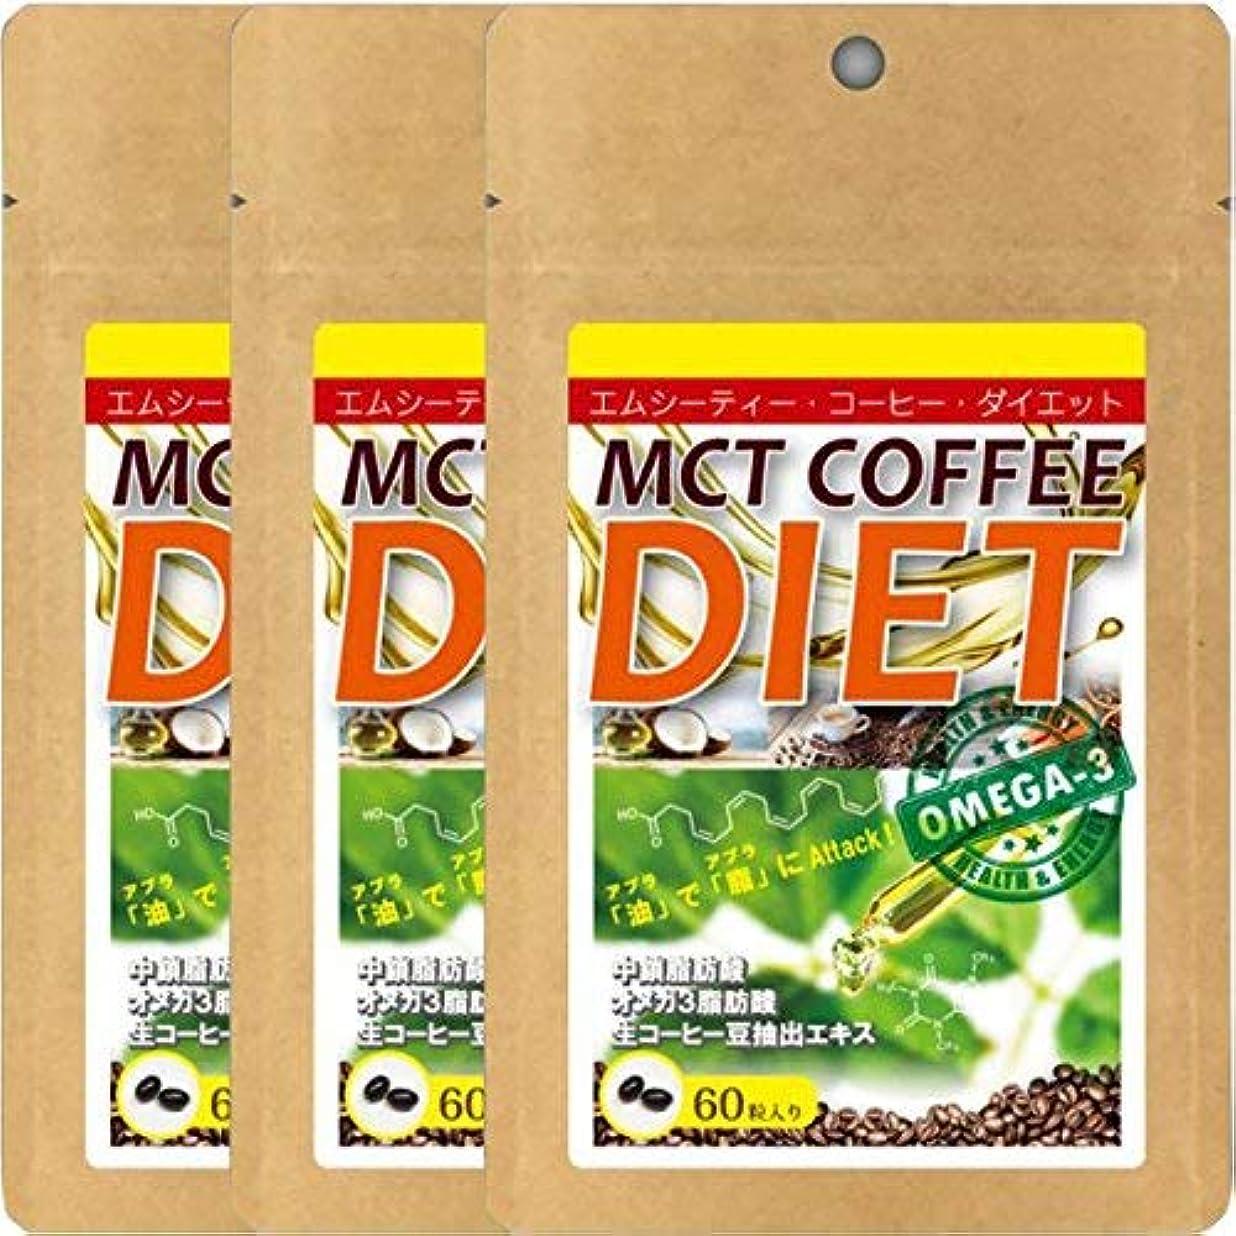 サイクロプス反論者詳細な【MCTオイル】MCTコーヒーダイエット 3個セット 【10% OFF !! 】 60カプセル入り